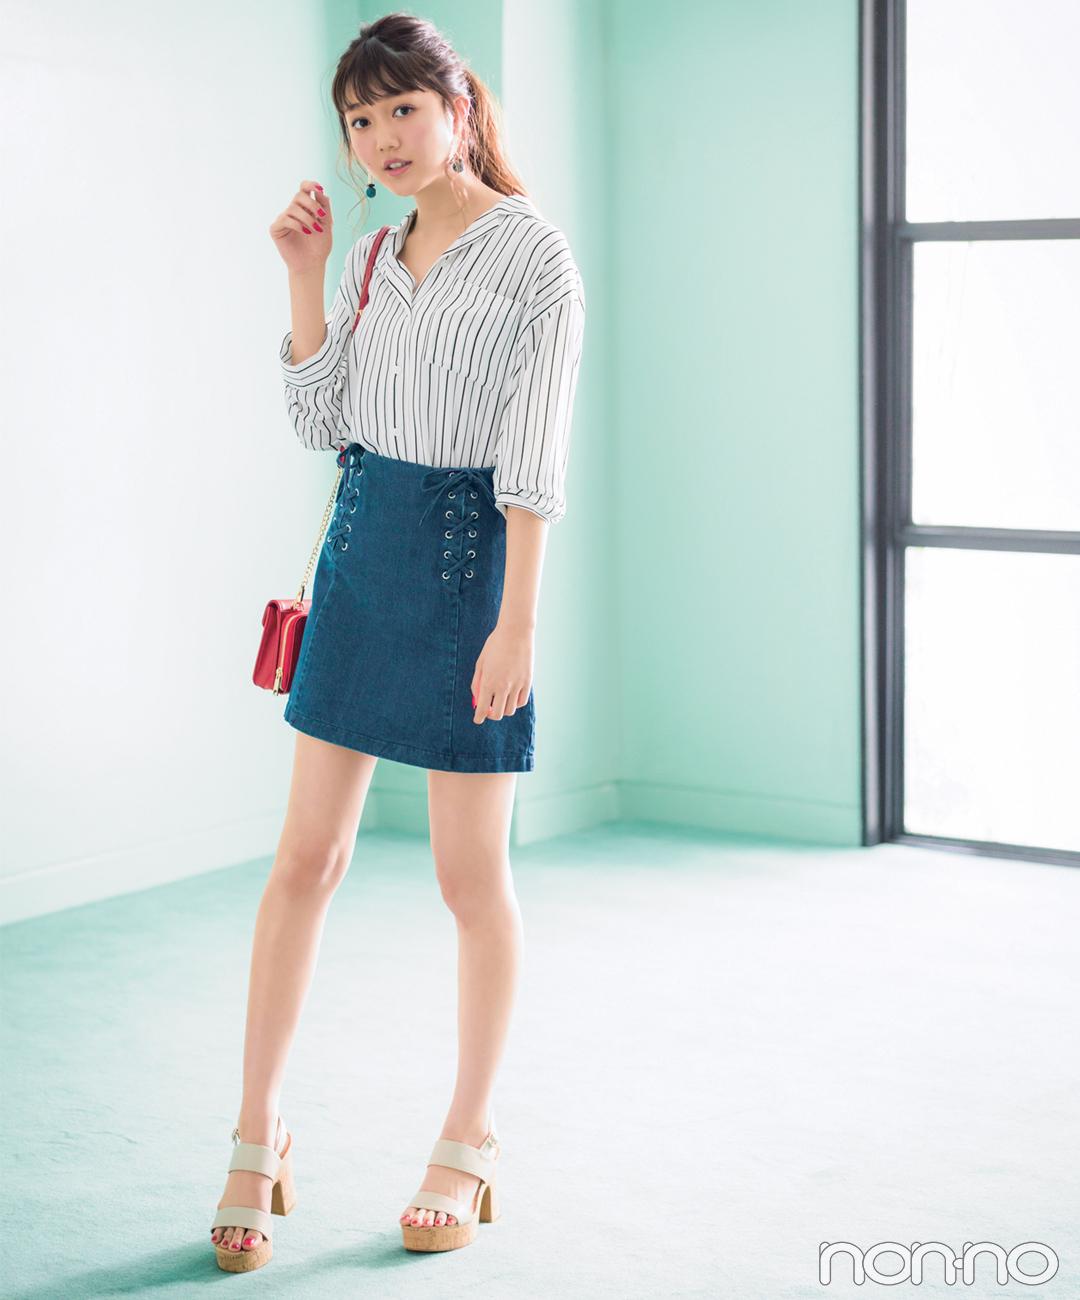 【夏のシャツコーデ】松川菜々花は、ミニスカートで脚長コーデ